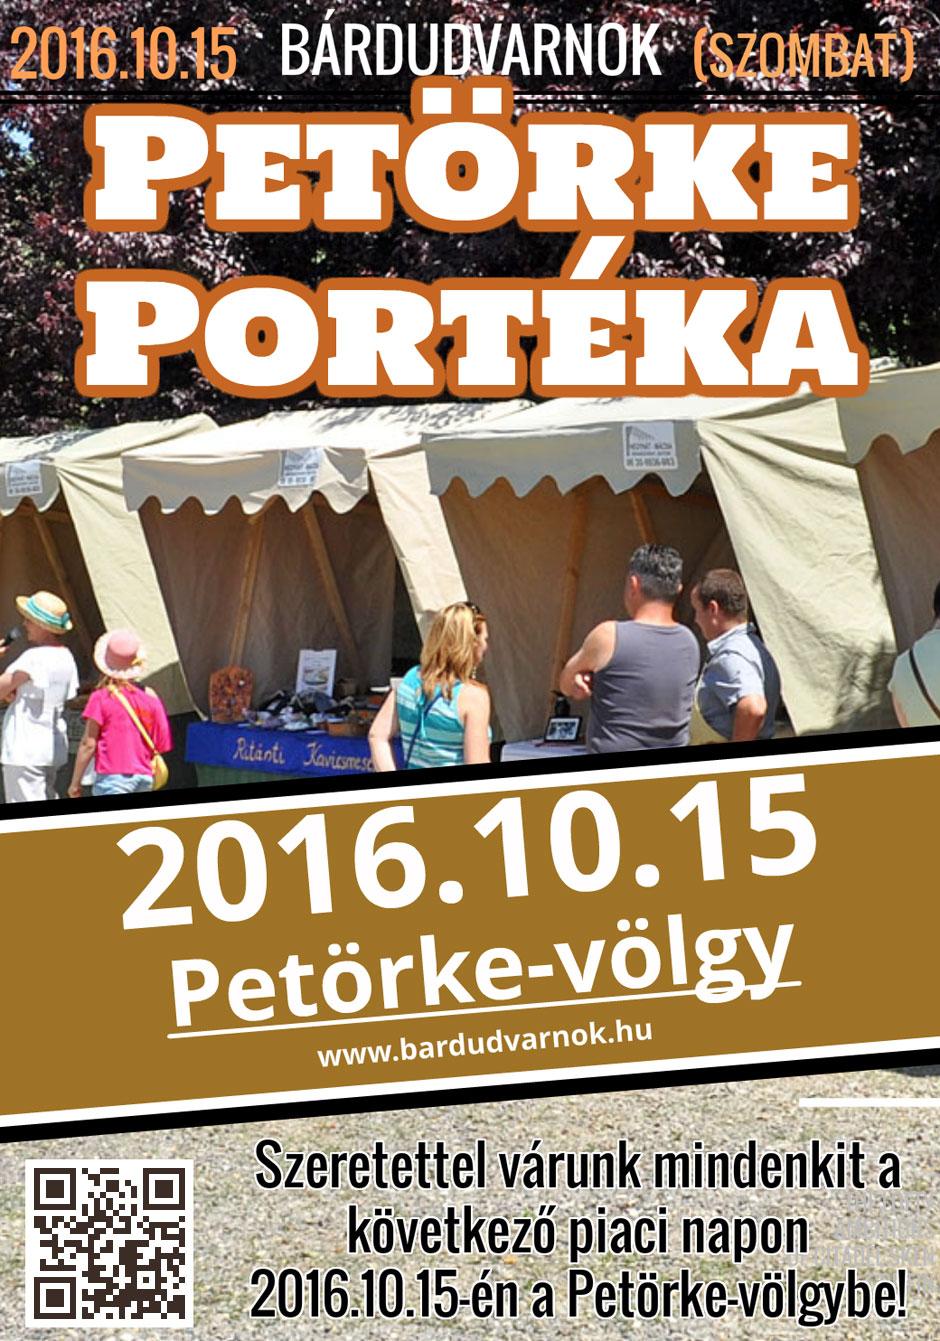 Petörke Portéka plakát Bárdudvarnok 2016